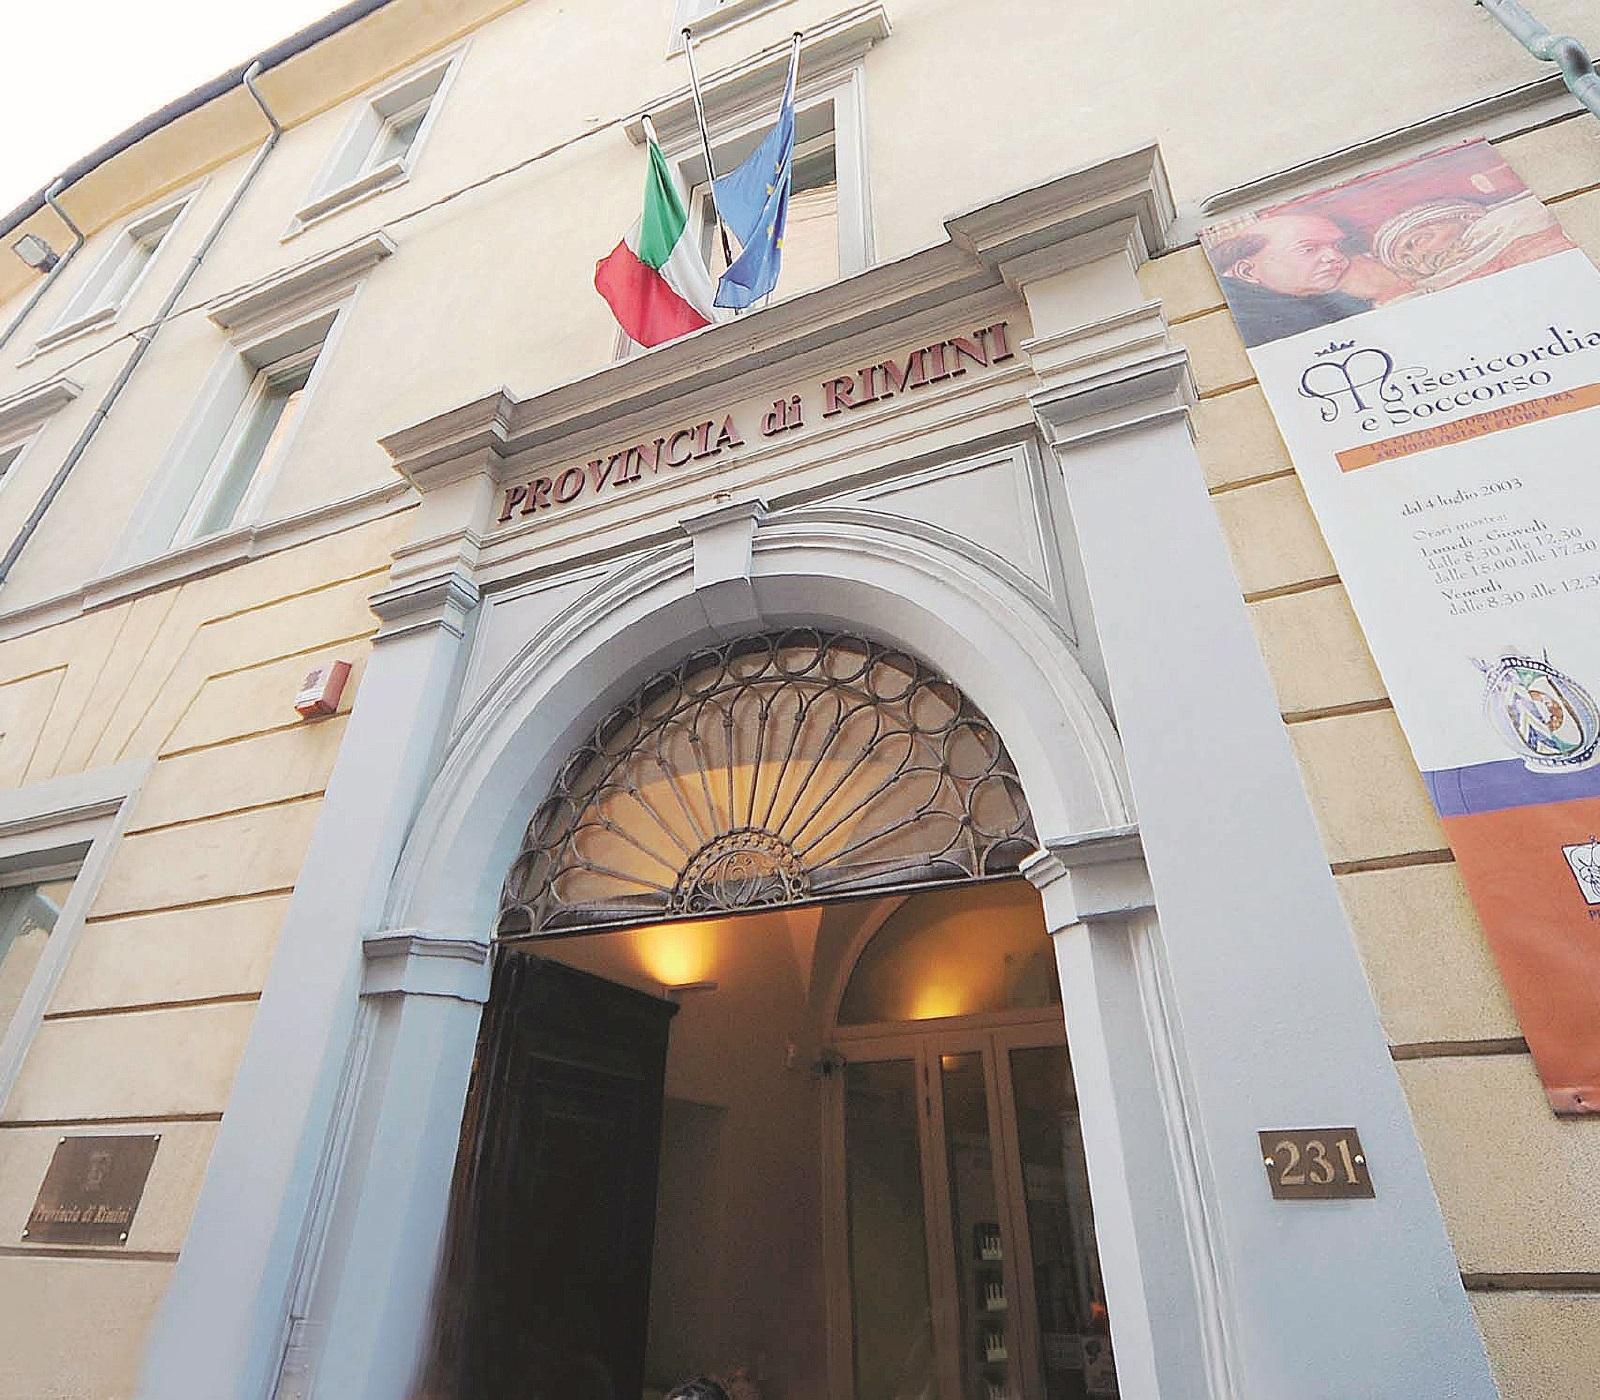 La Provincia sblocca pagamenti alle imprese per 14 milioni di euro